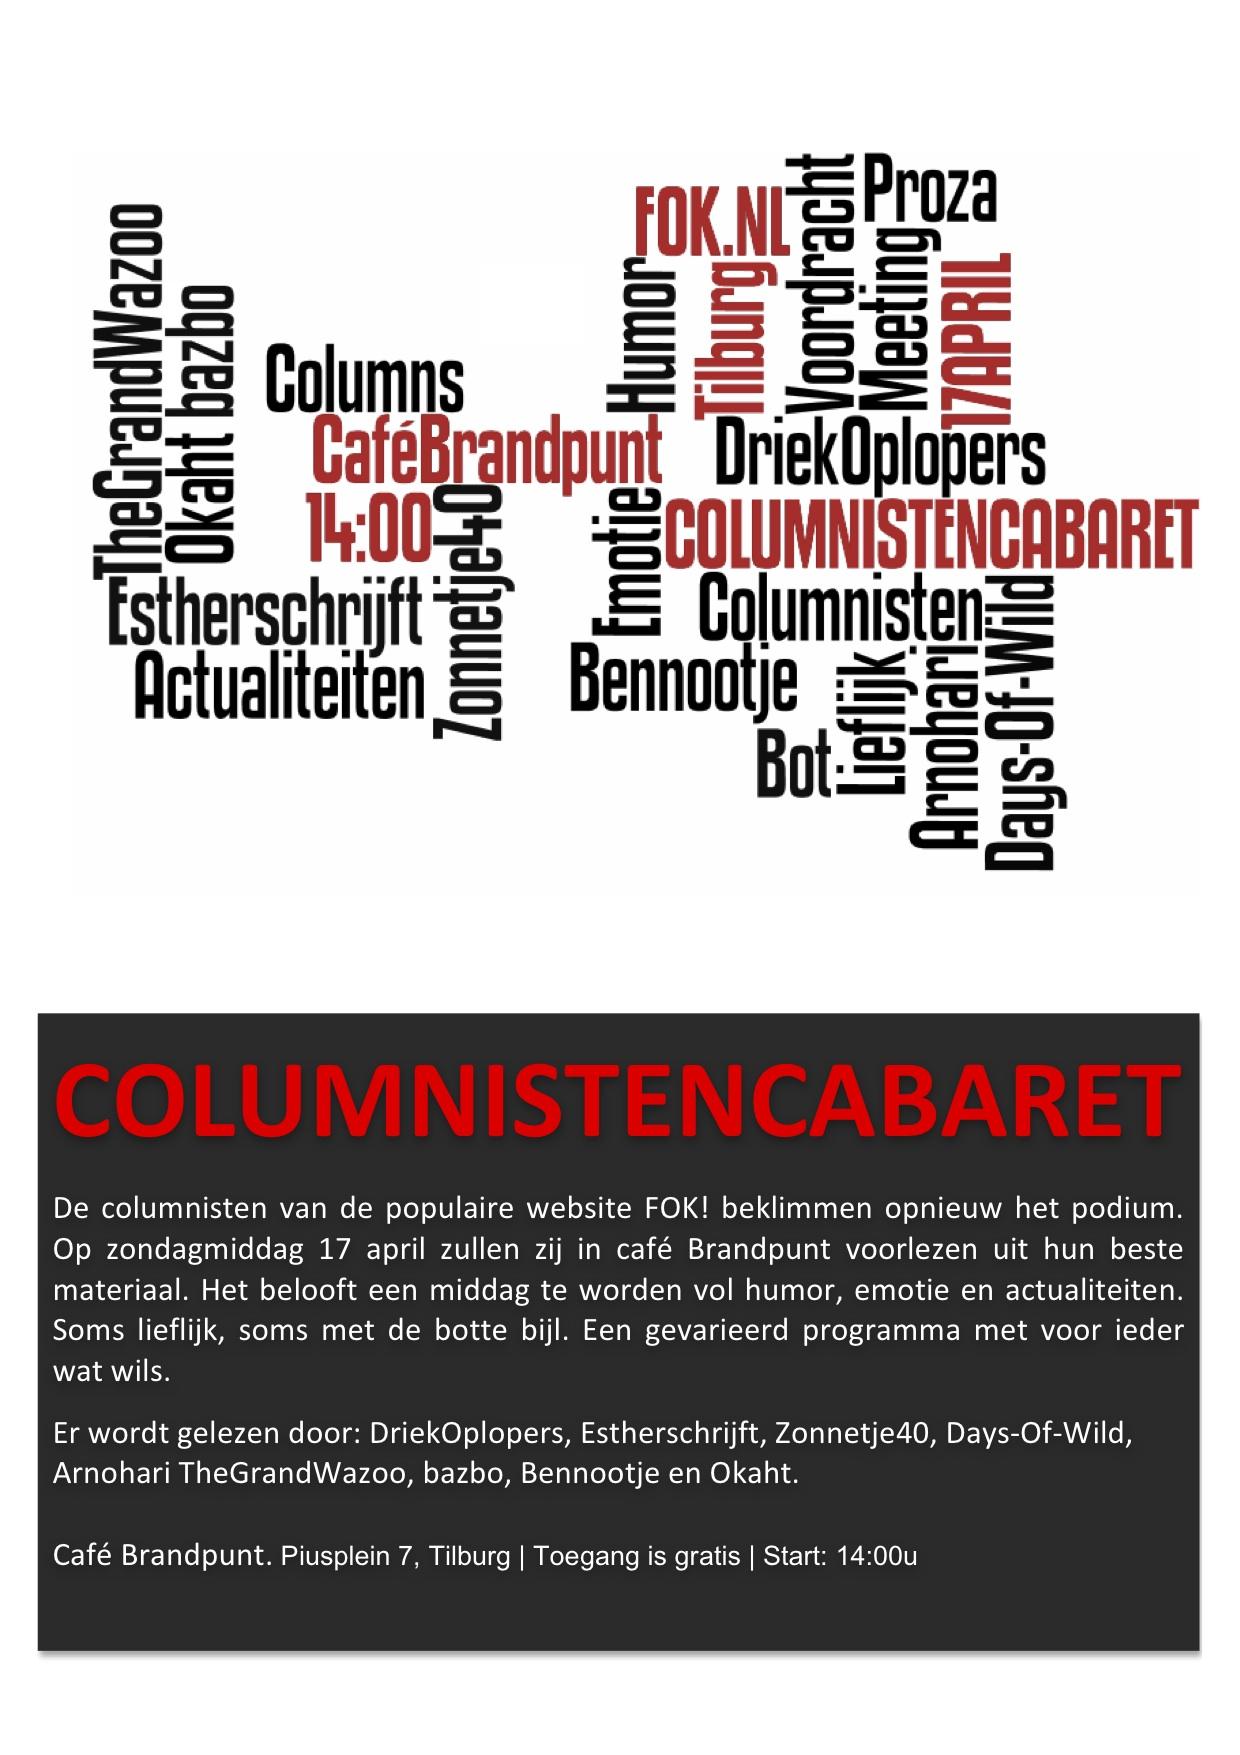 110411_233659_columnistencabaret%20tilburg.jpg